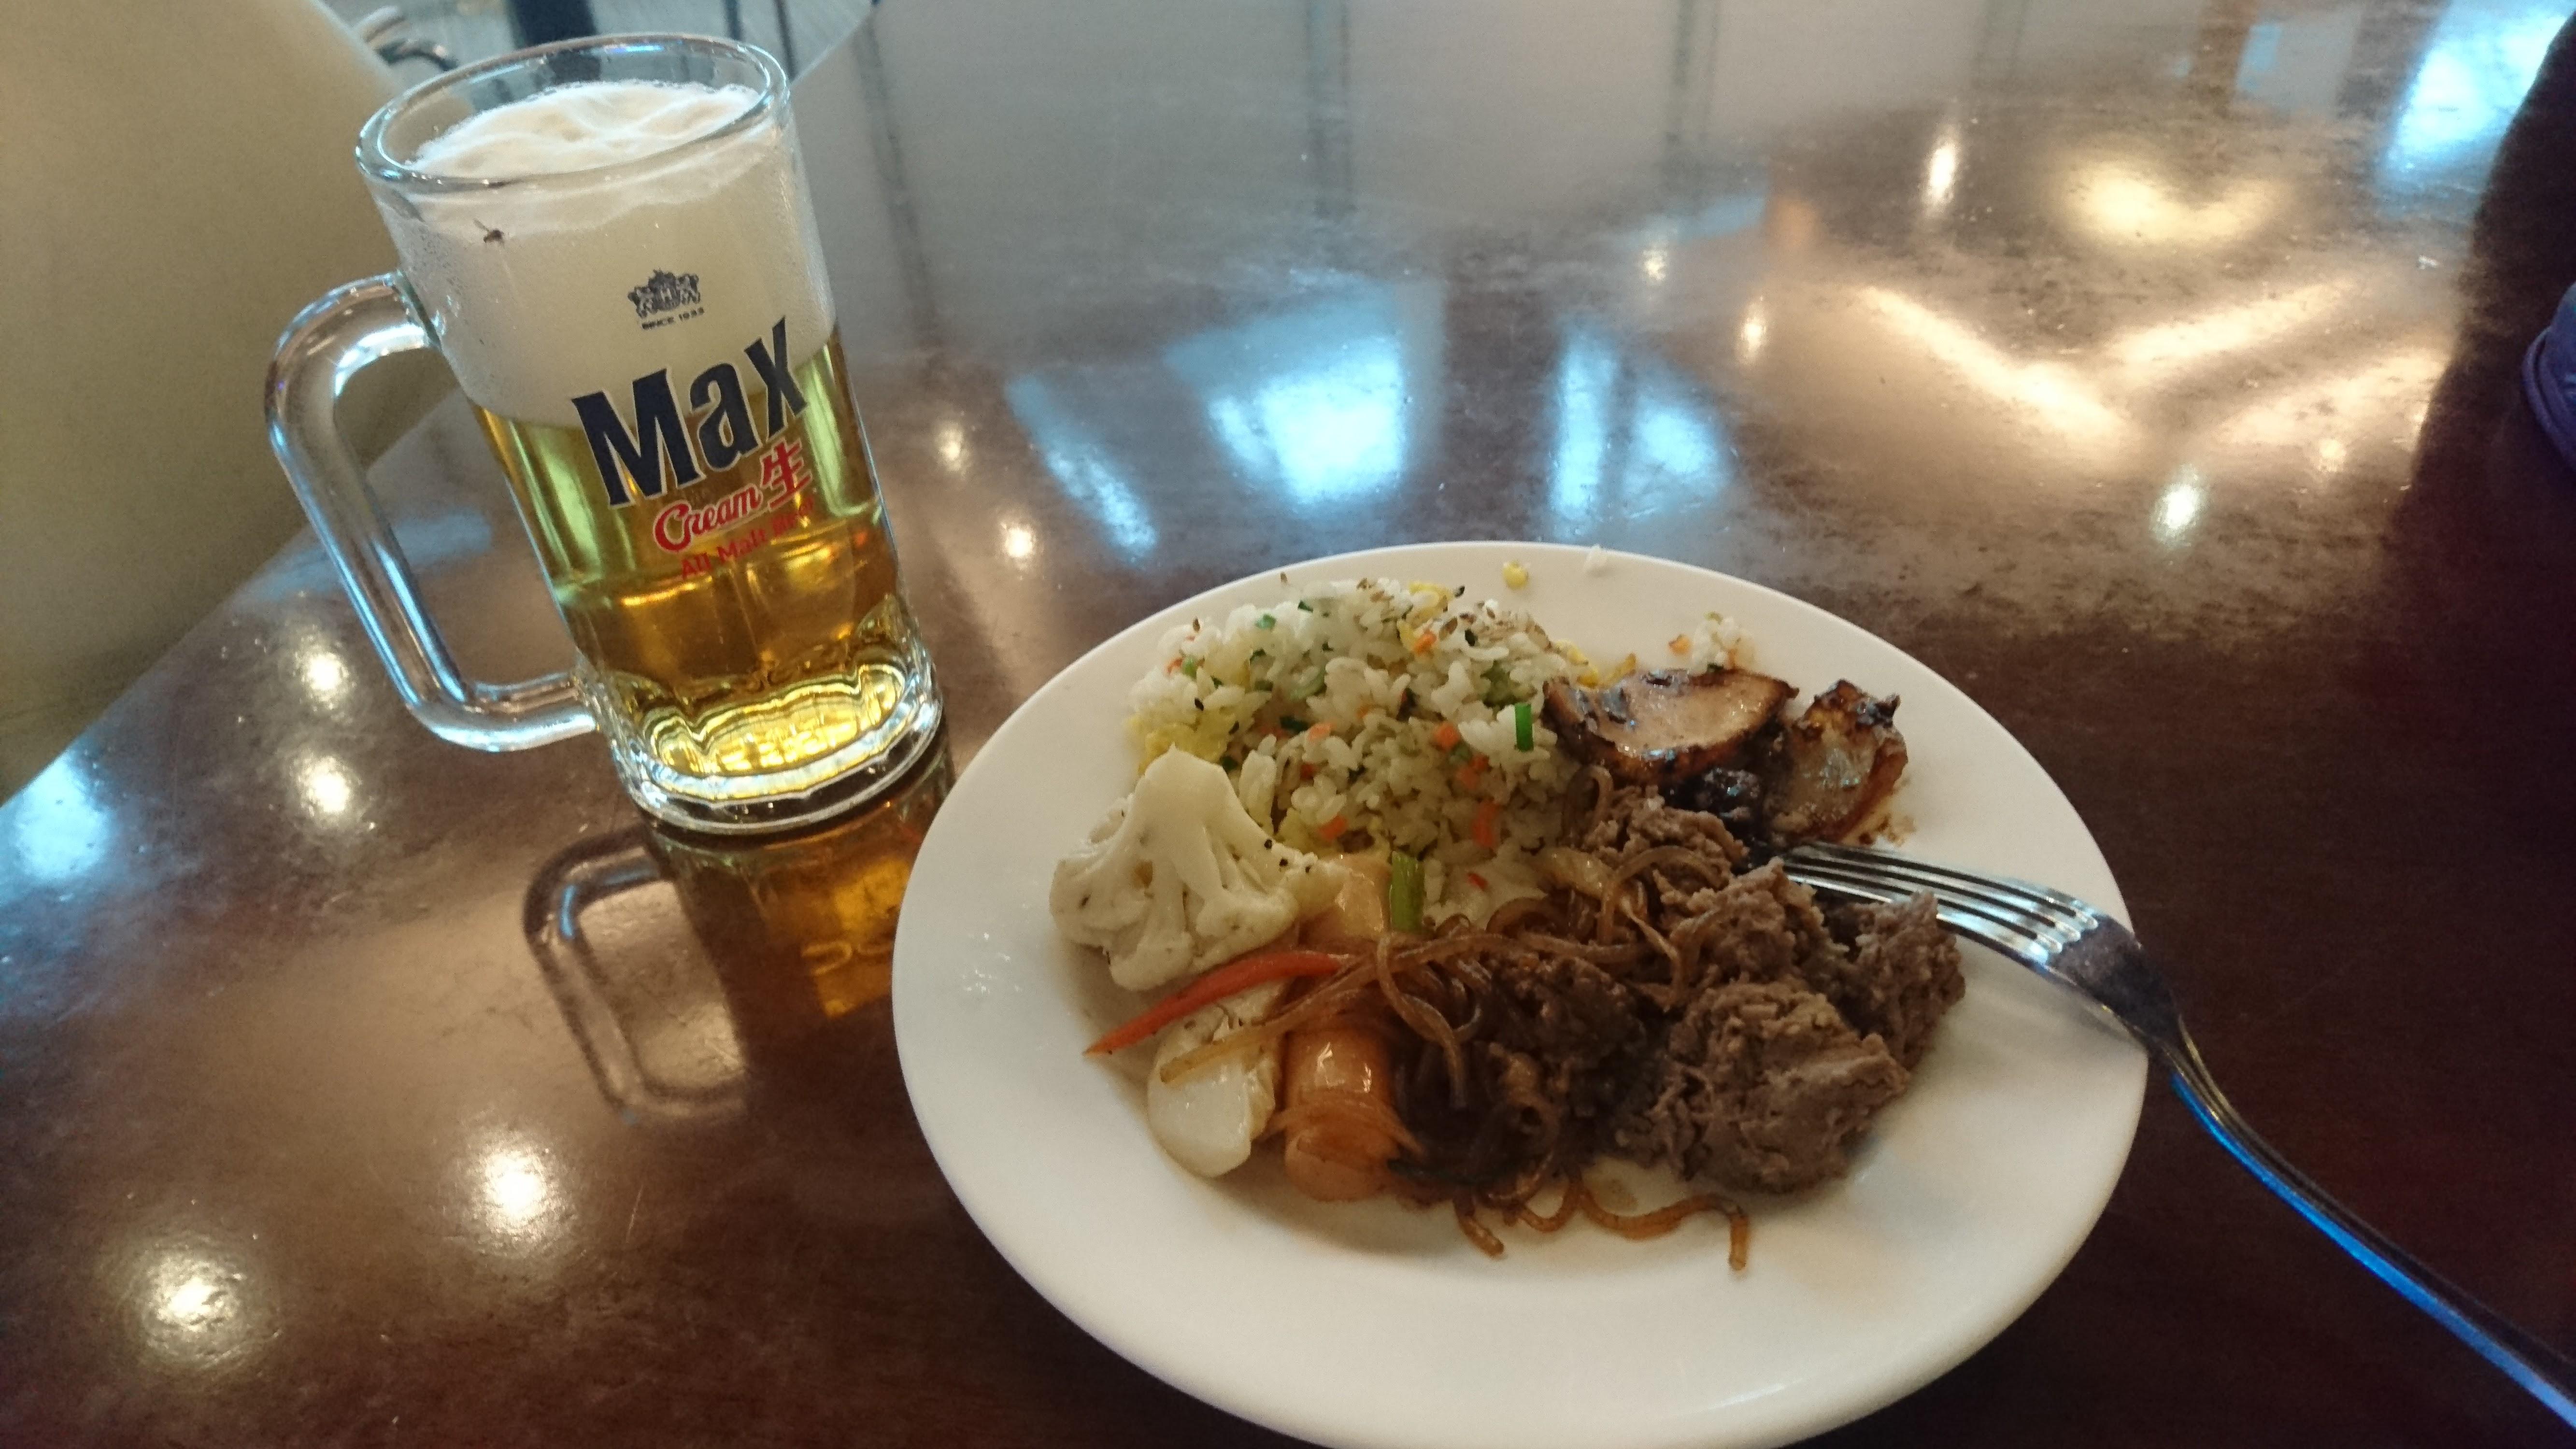 野菜、肉、炭水化物、ビールの組み合わせです。ビールは少々薄味でした。